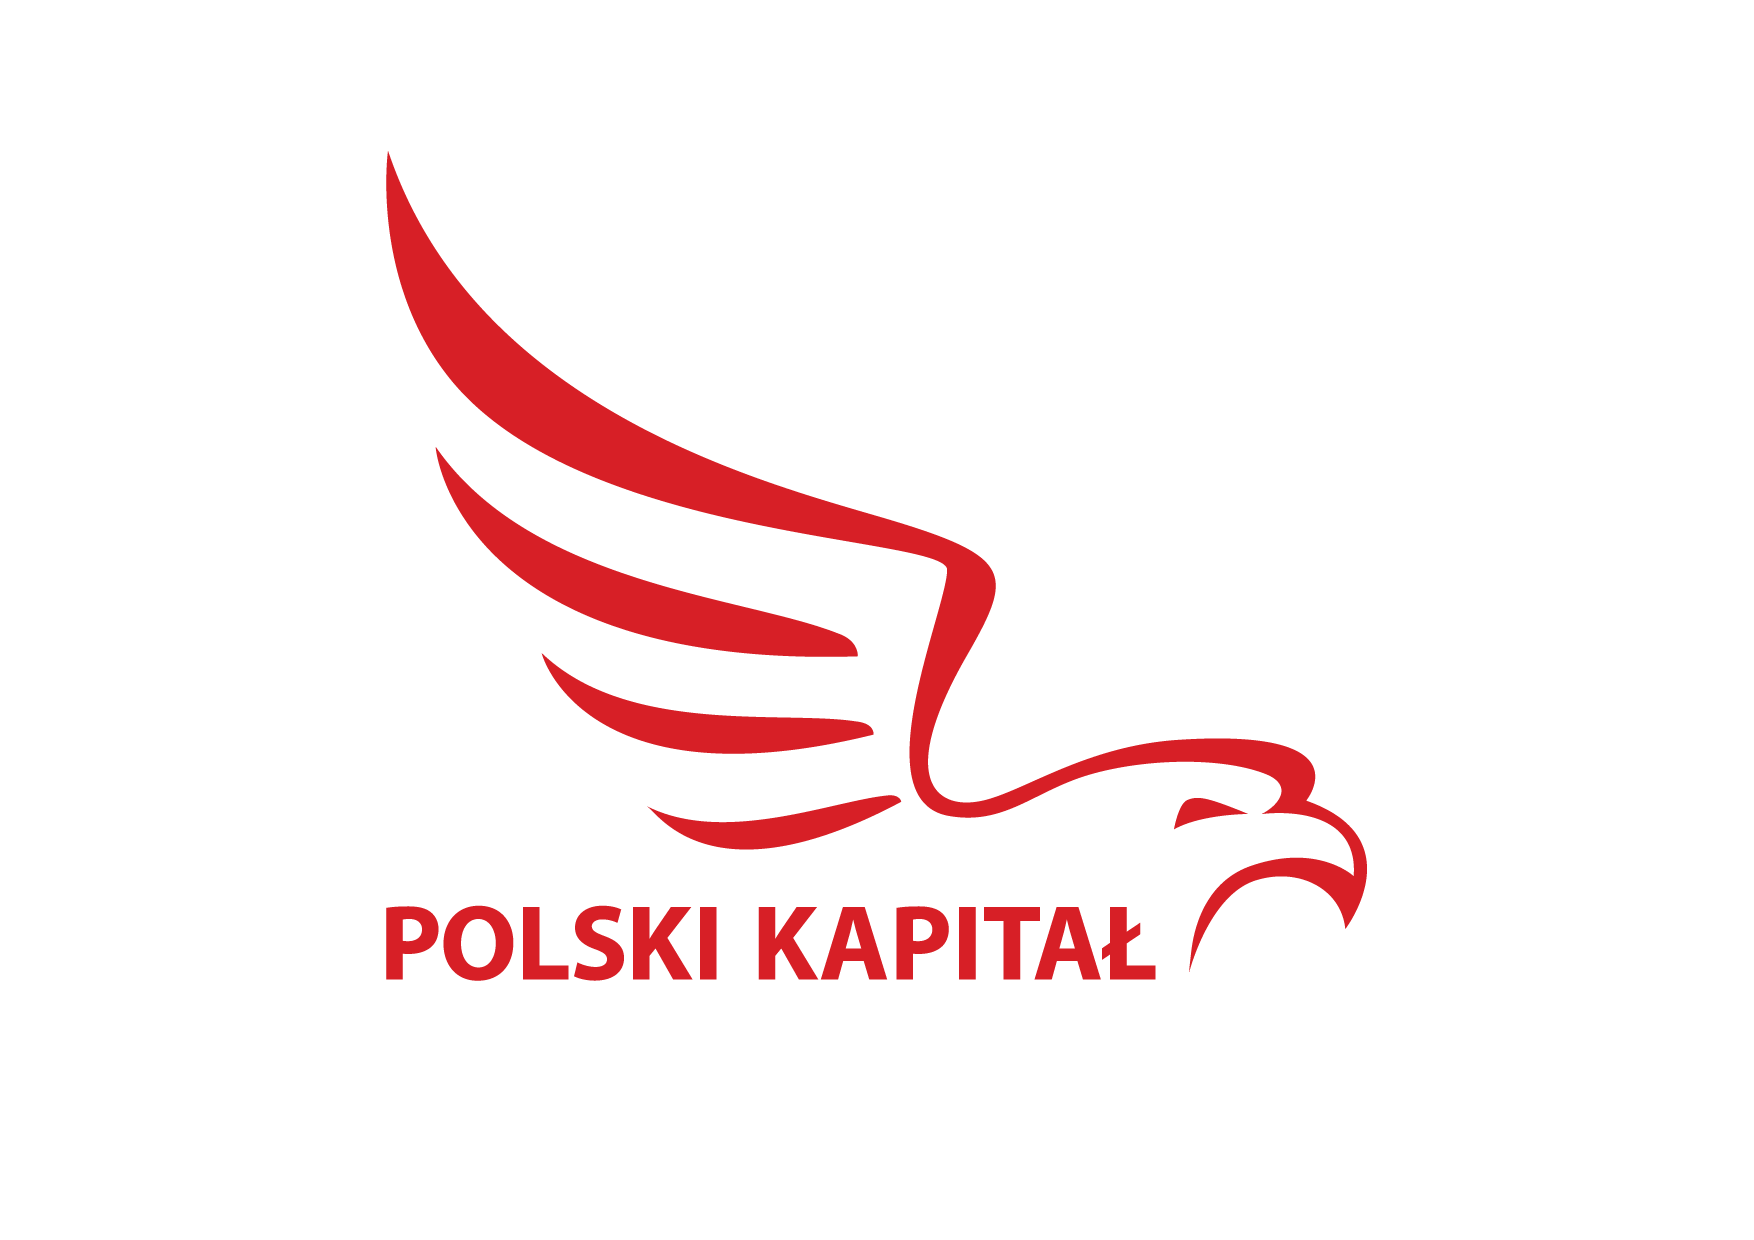 Polski Kapitał MultimediaHD